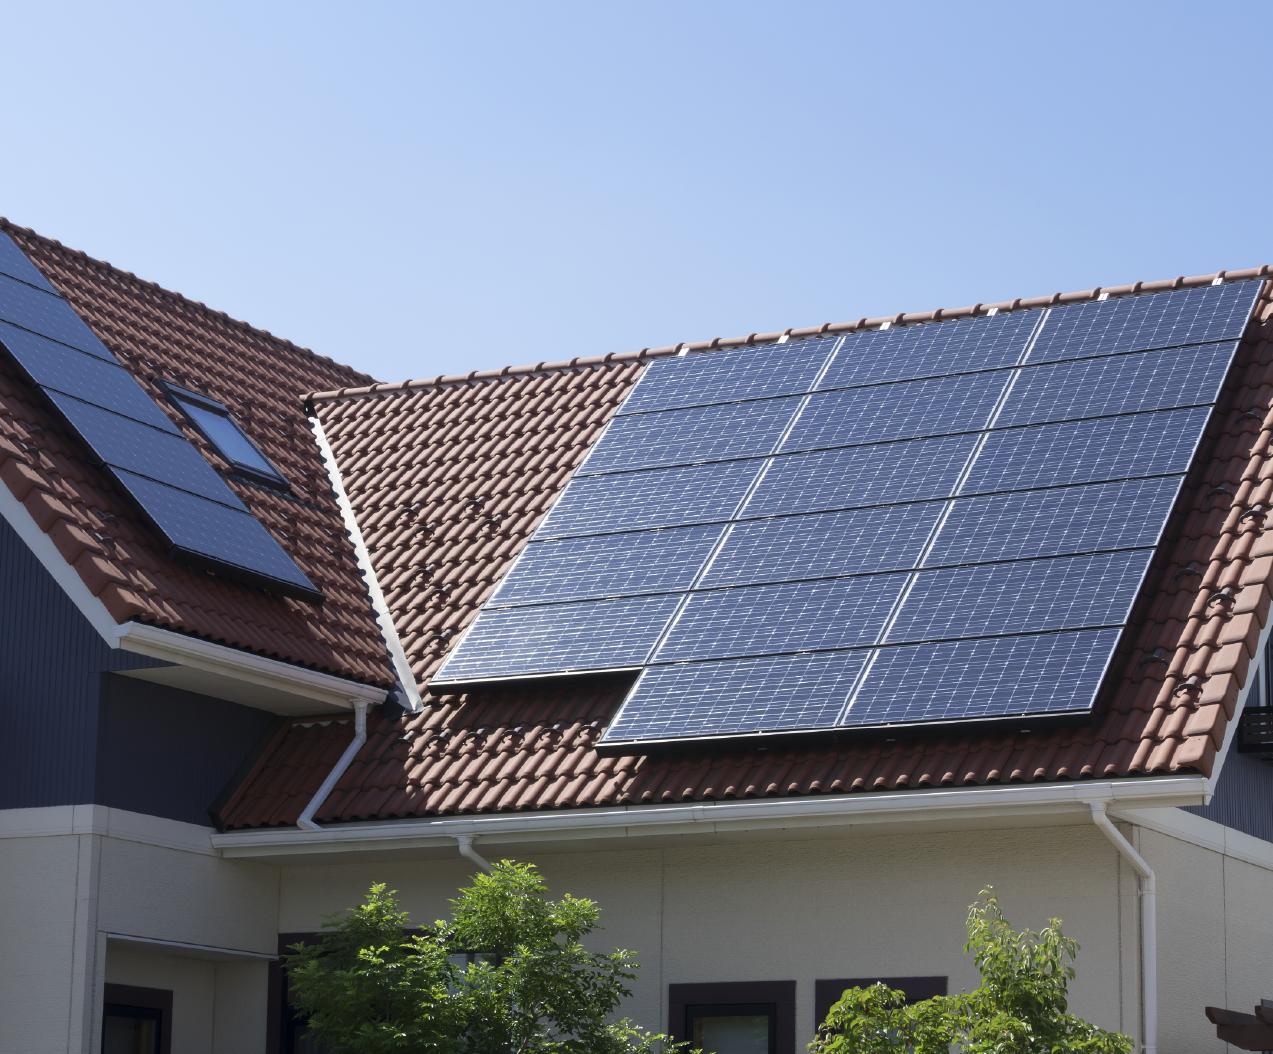 太陽光発電パネル設置の住宅